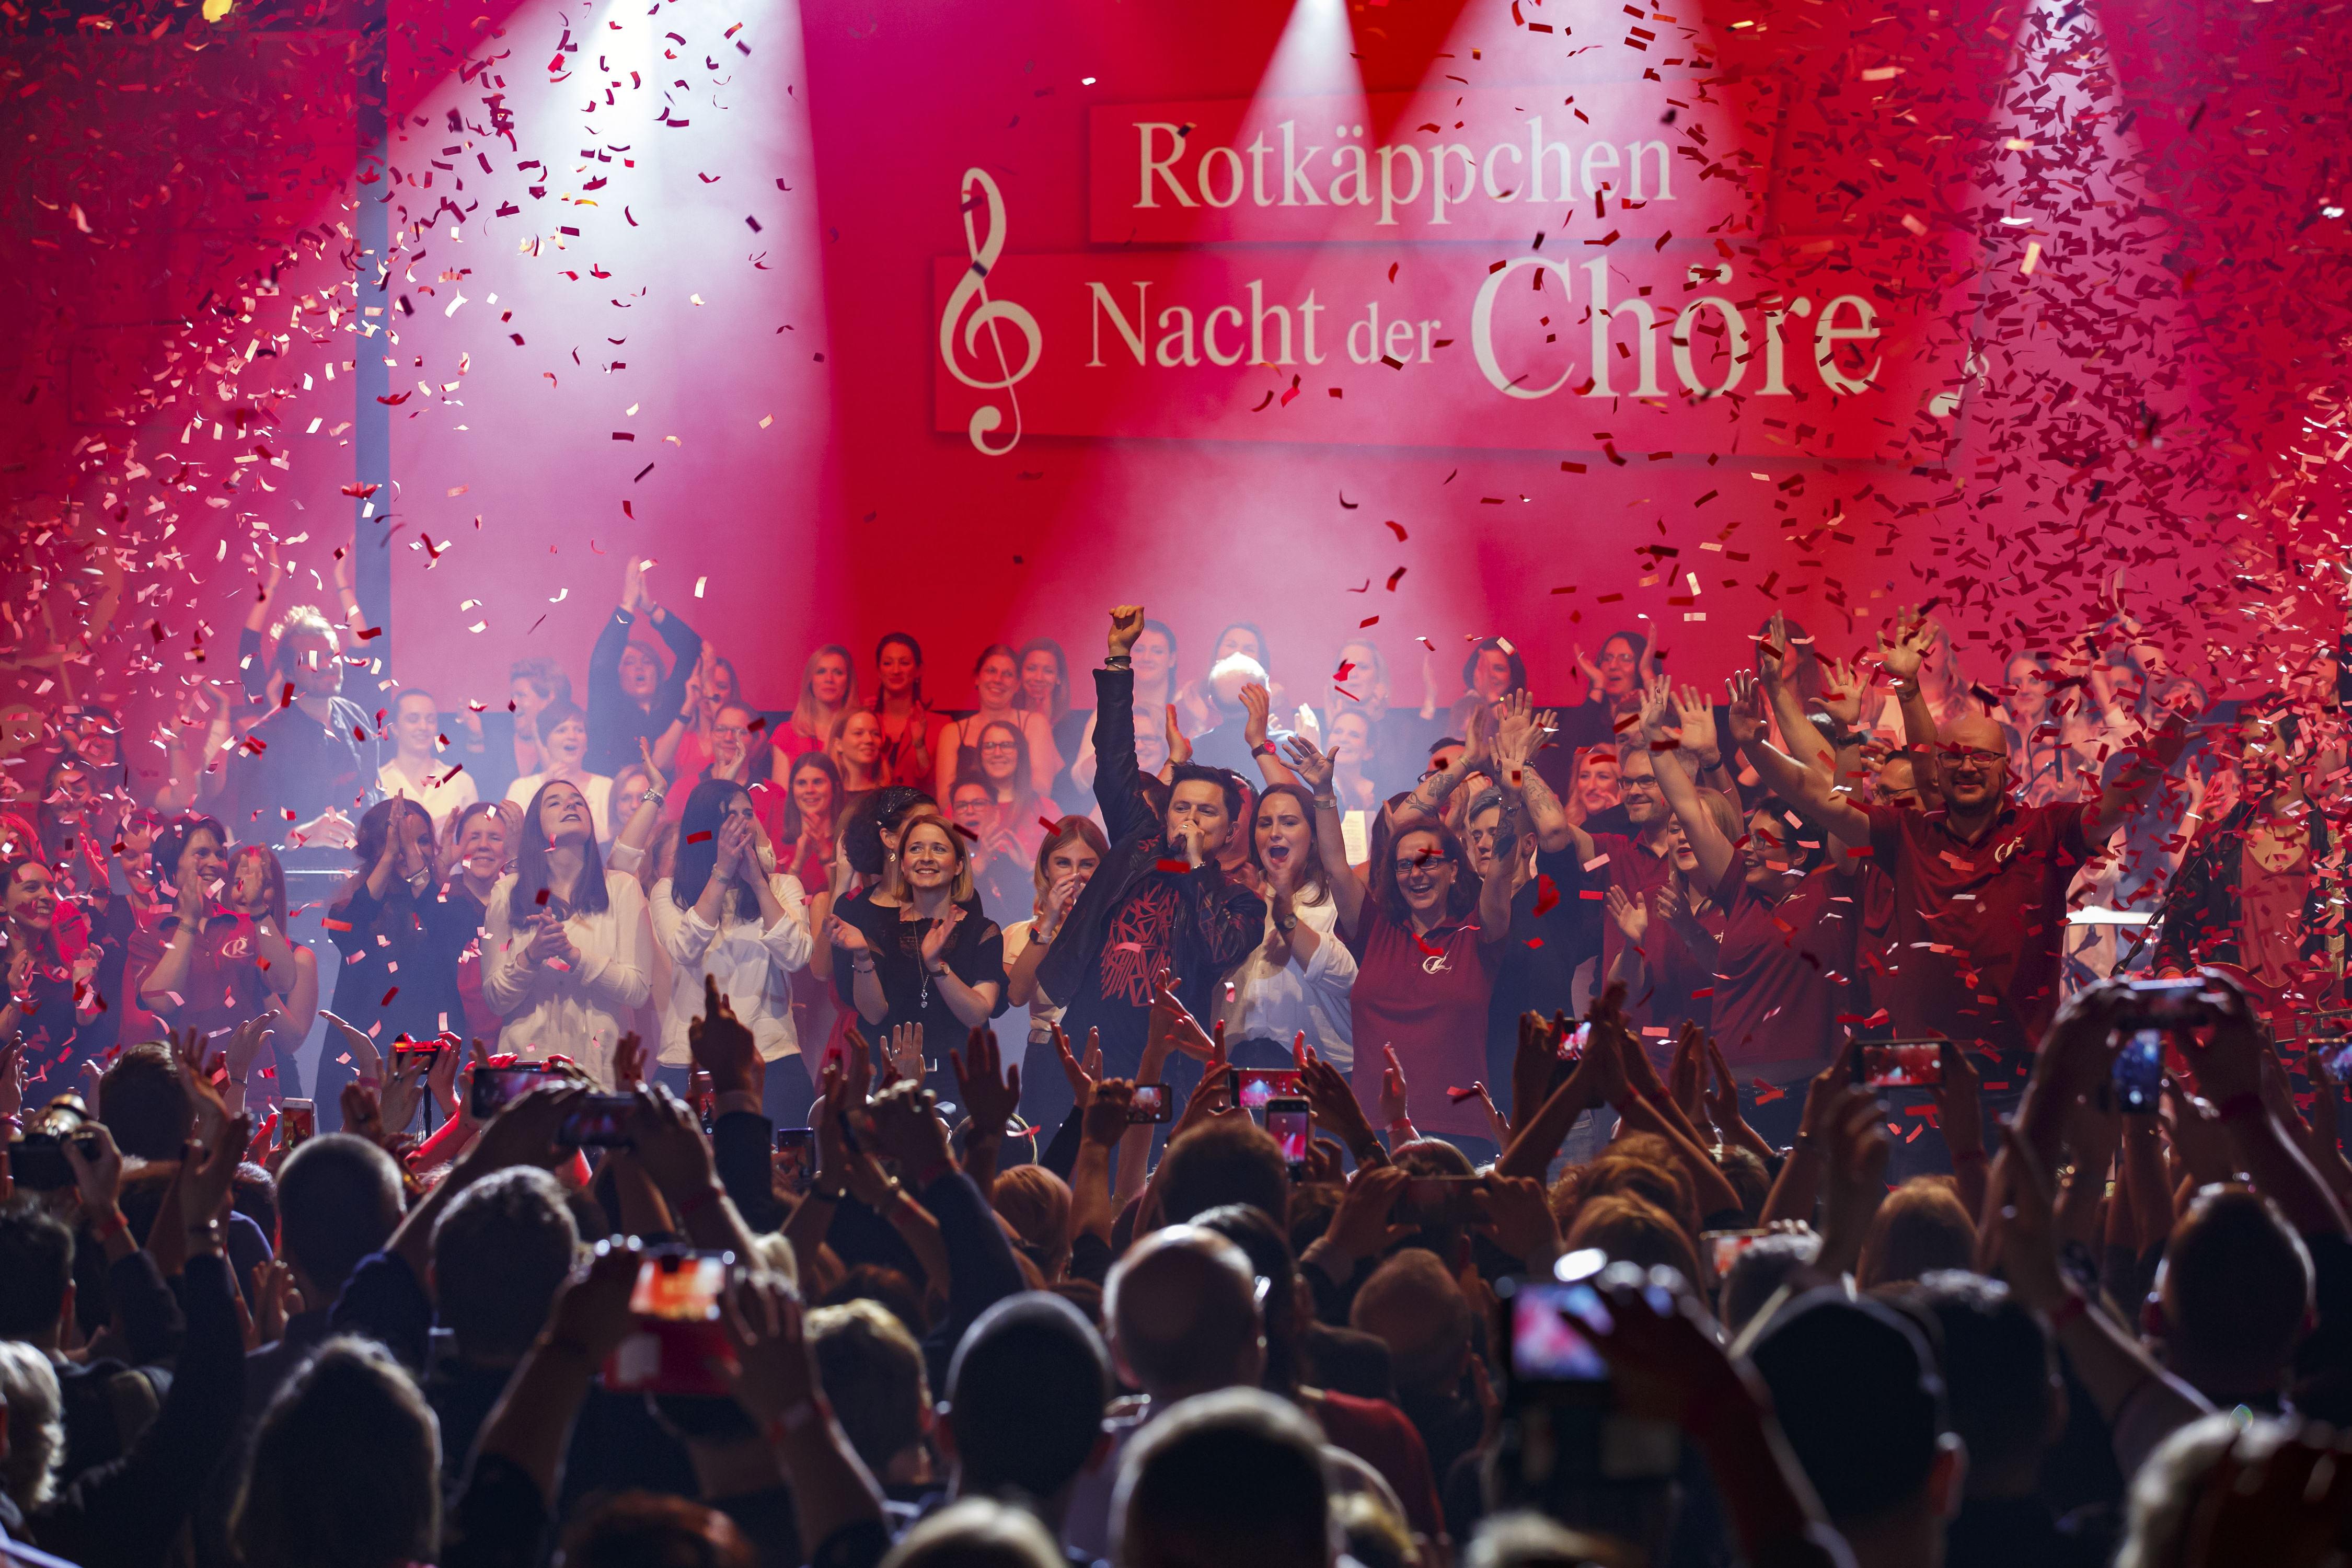 Michael Patrick Kelly begeistert mit über 100 Sängerinnen und Sängern